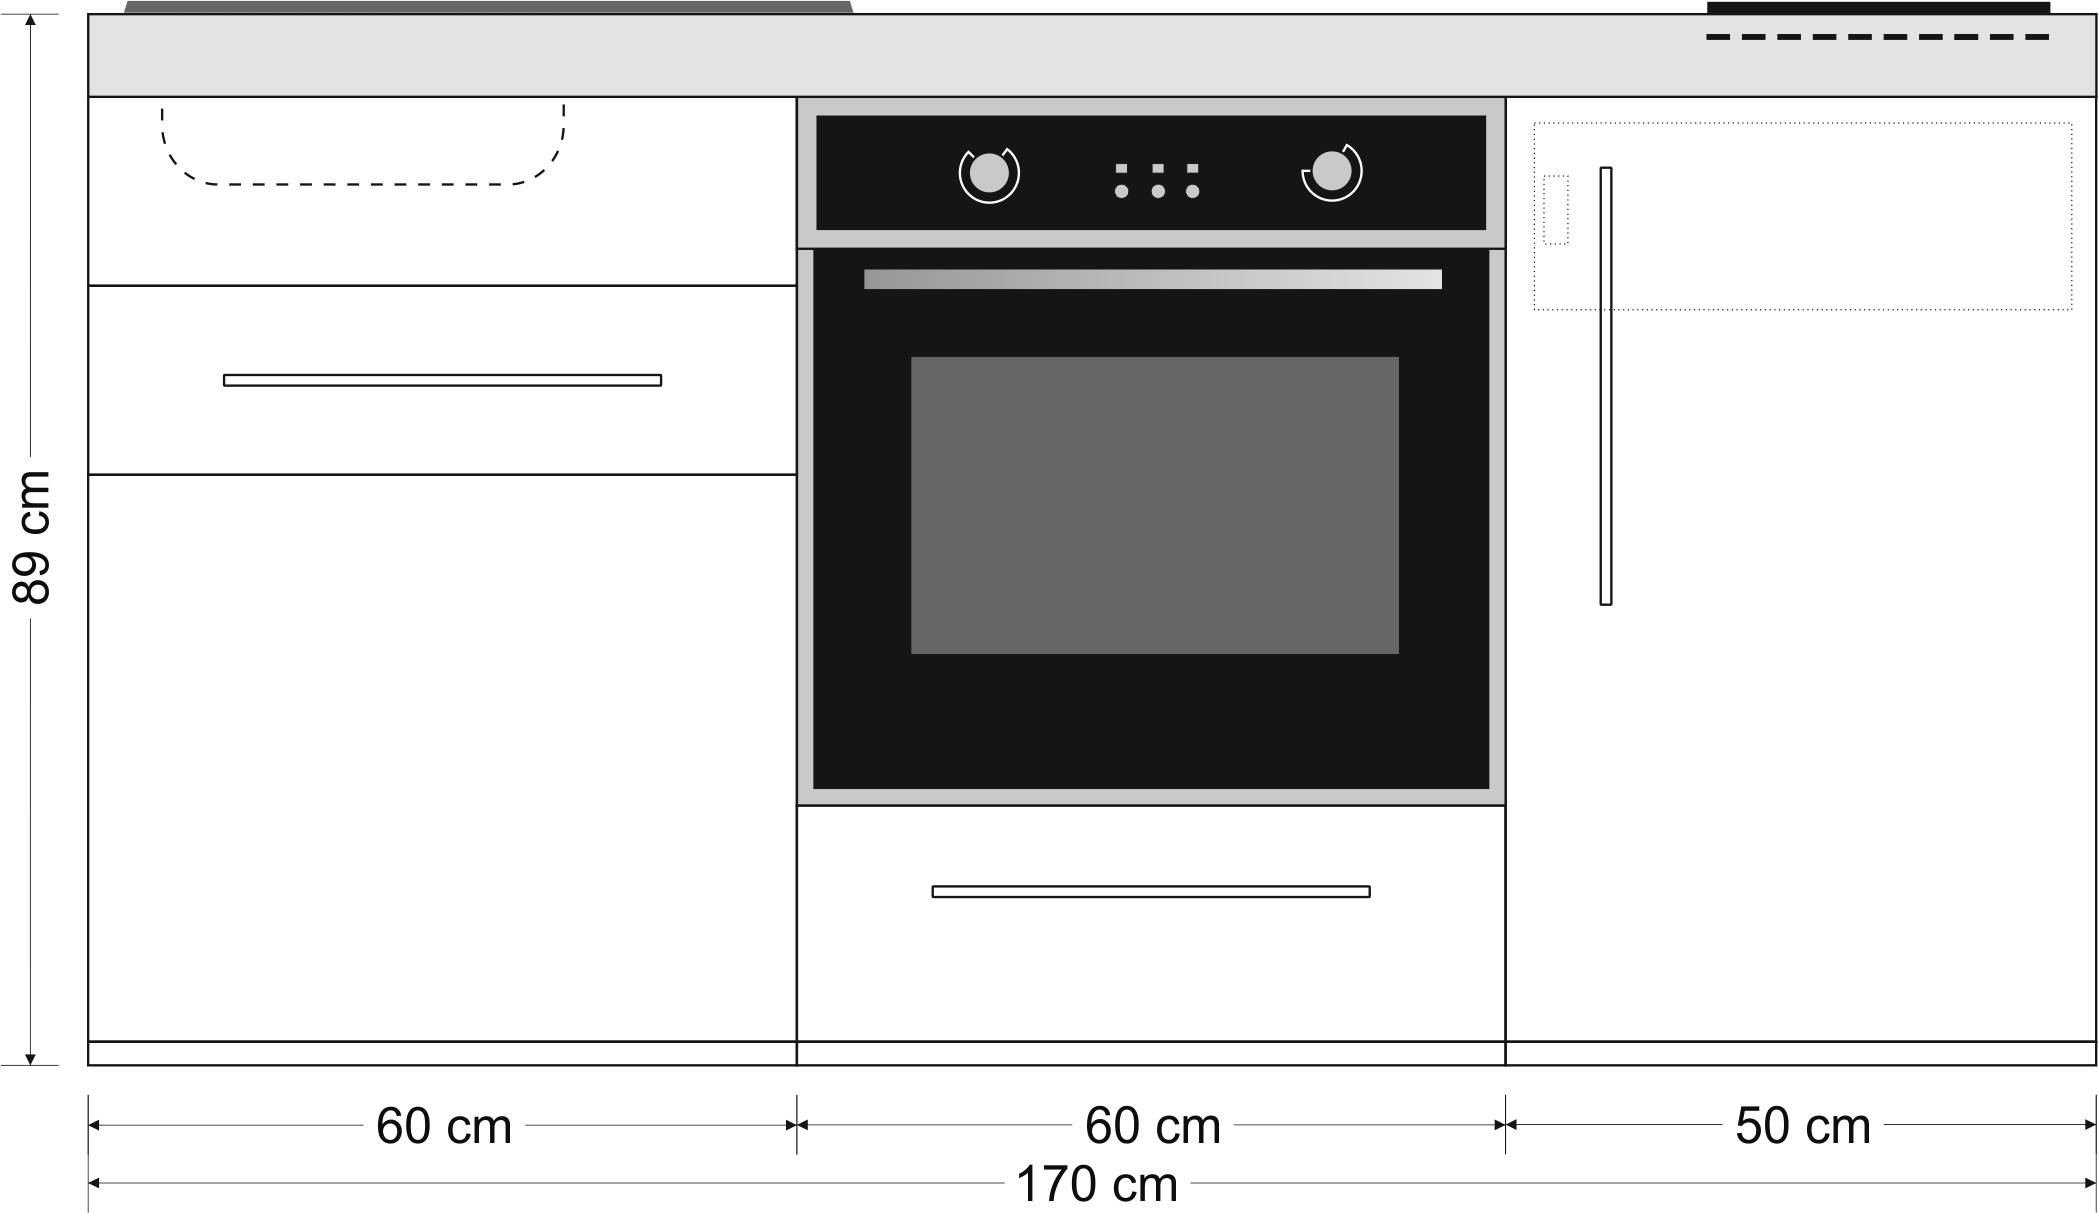 Full Size of Stengel Miniküche Kchenzeile Minikche Singlekche Kche Metallkche 170 Cm Wei Ikea Mit Kühlschrank Küche Stengel Miniküche